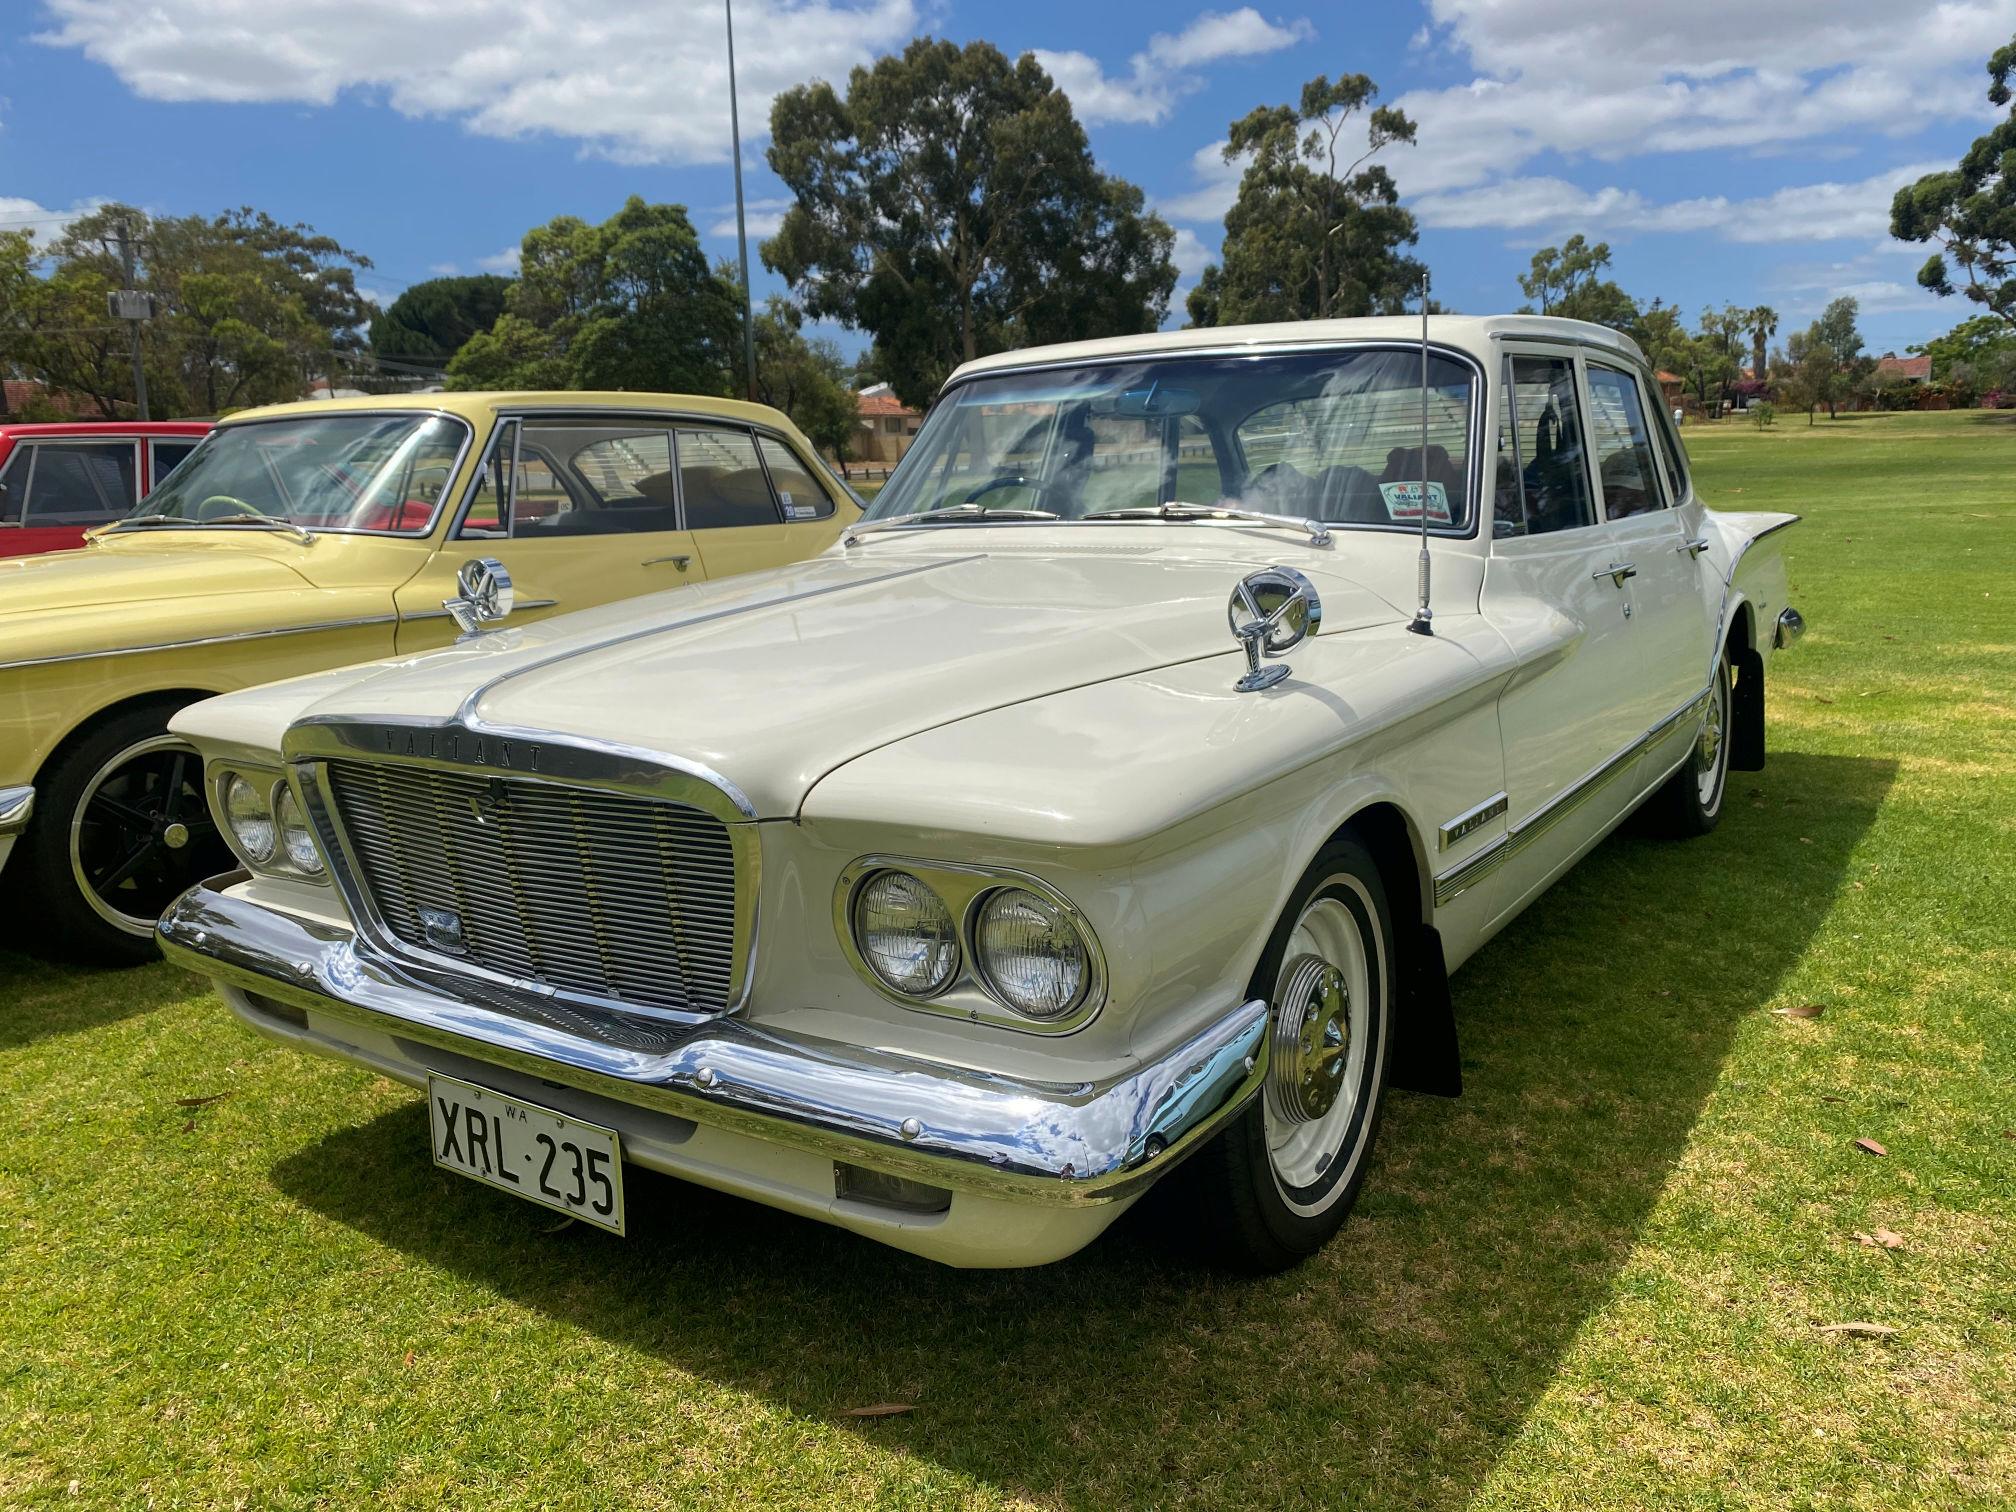 Ken Spurling's Car